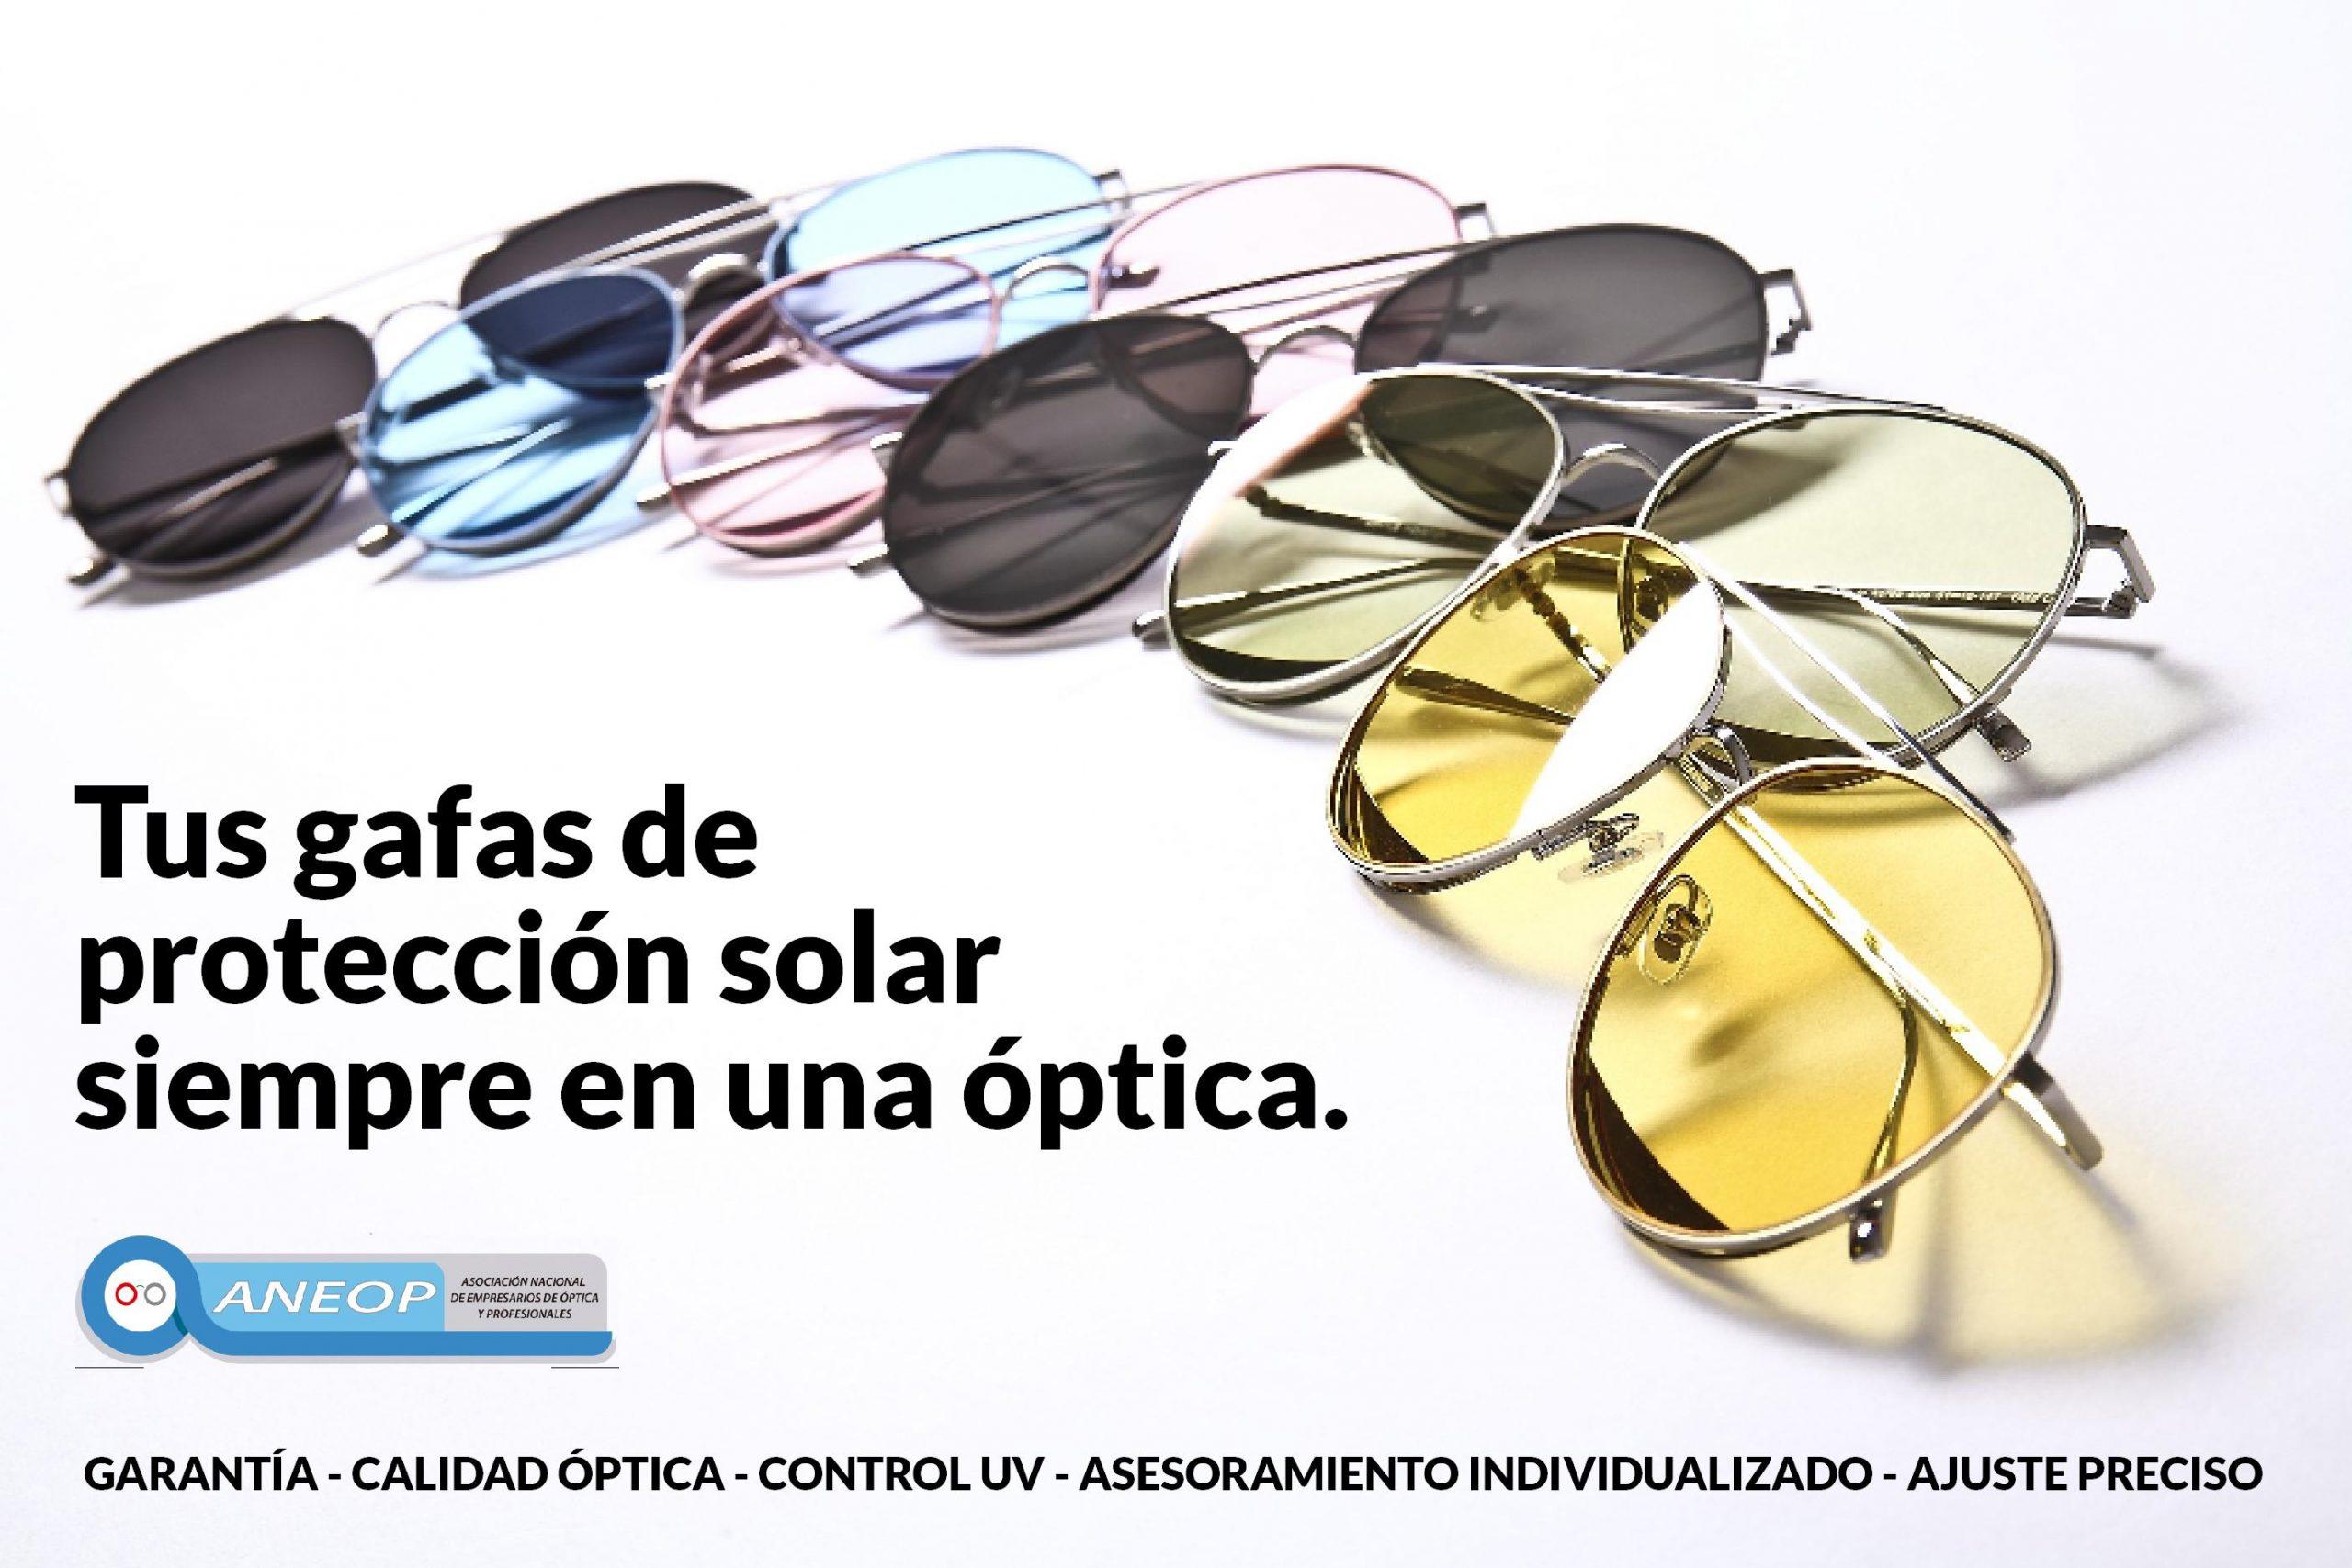 """Diferencias claras entre gafas de """"bazar"""" y gafas de óptica."""